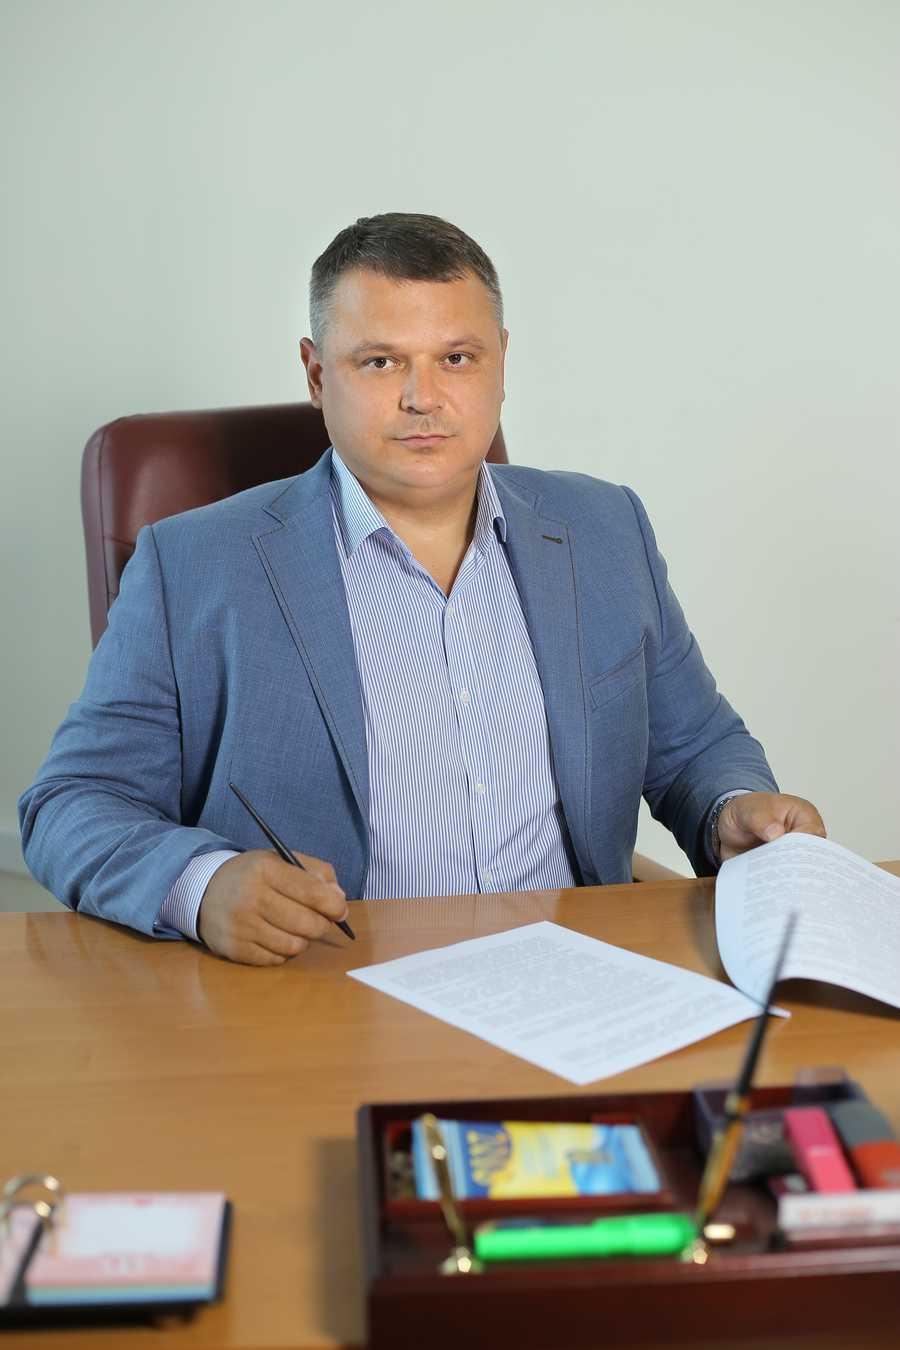 Прозорості бюджетного процесу вимагає депутат від «Самопомочі»